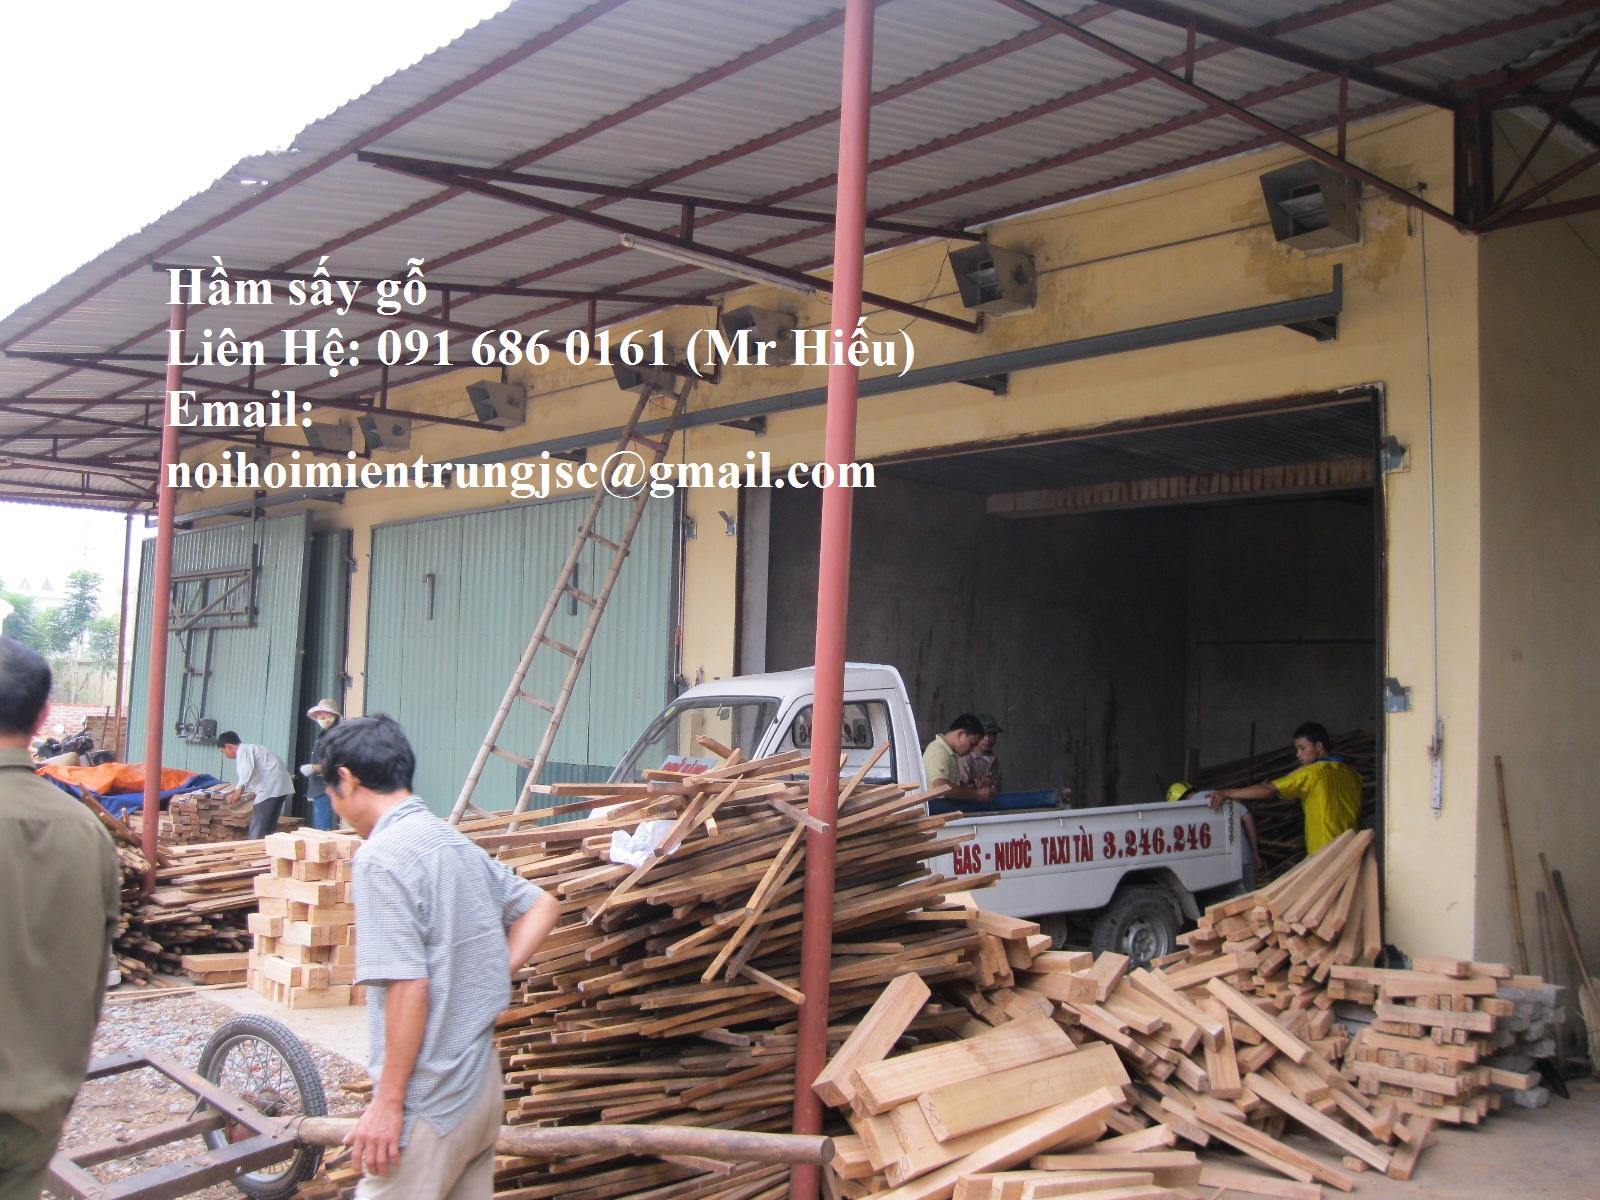 Công nghệ sấy gỗ - Lò hơi sấy gỗ